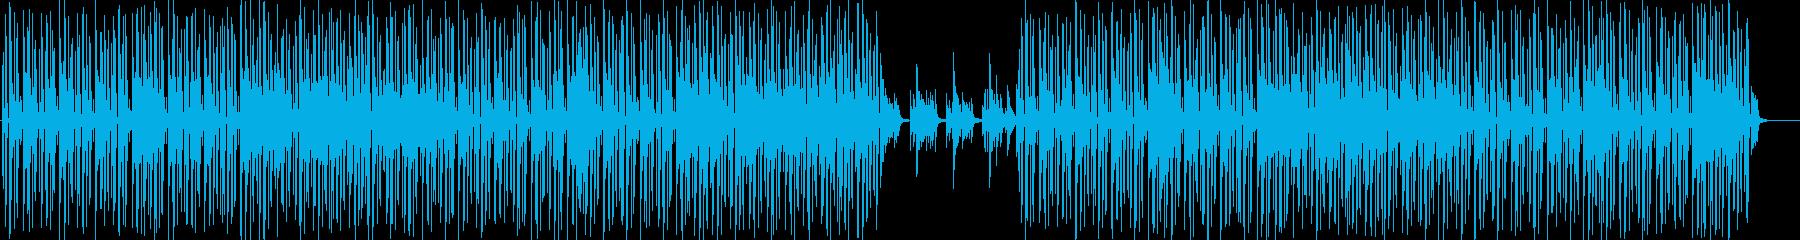 ジャジーなHip-Hop 秋の黄昏の再生済みの波形